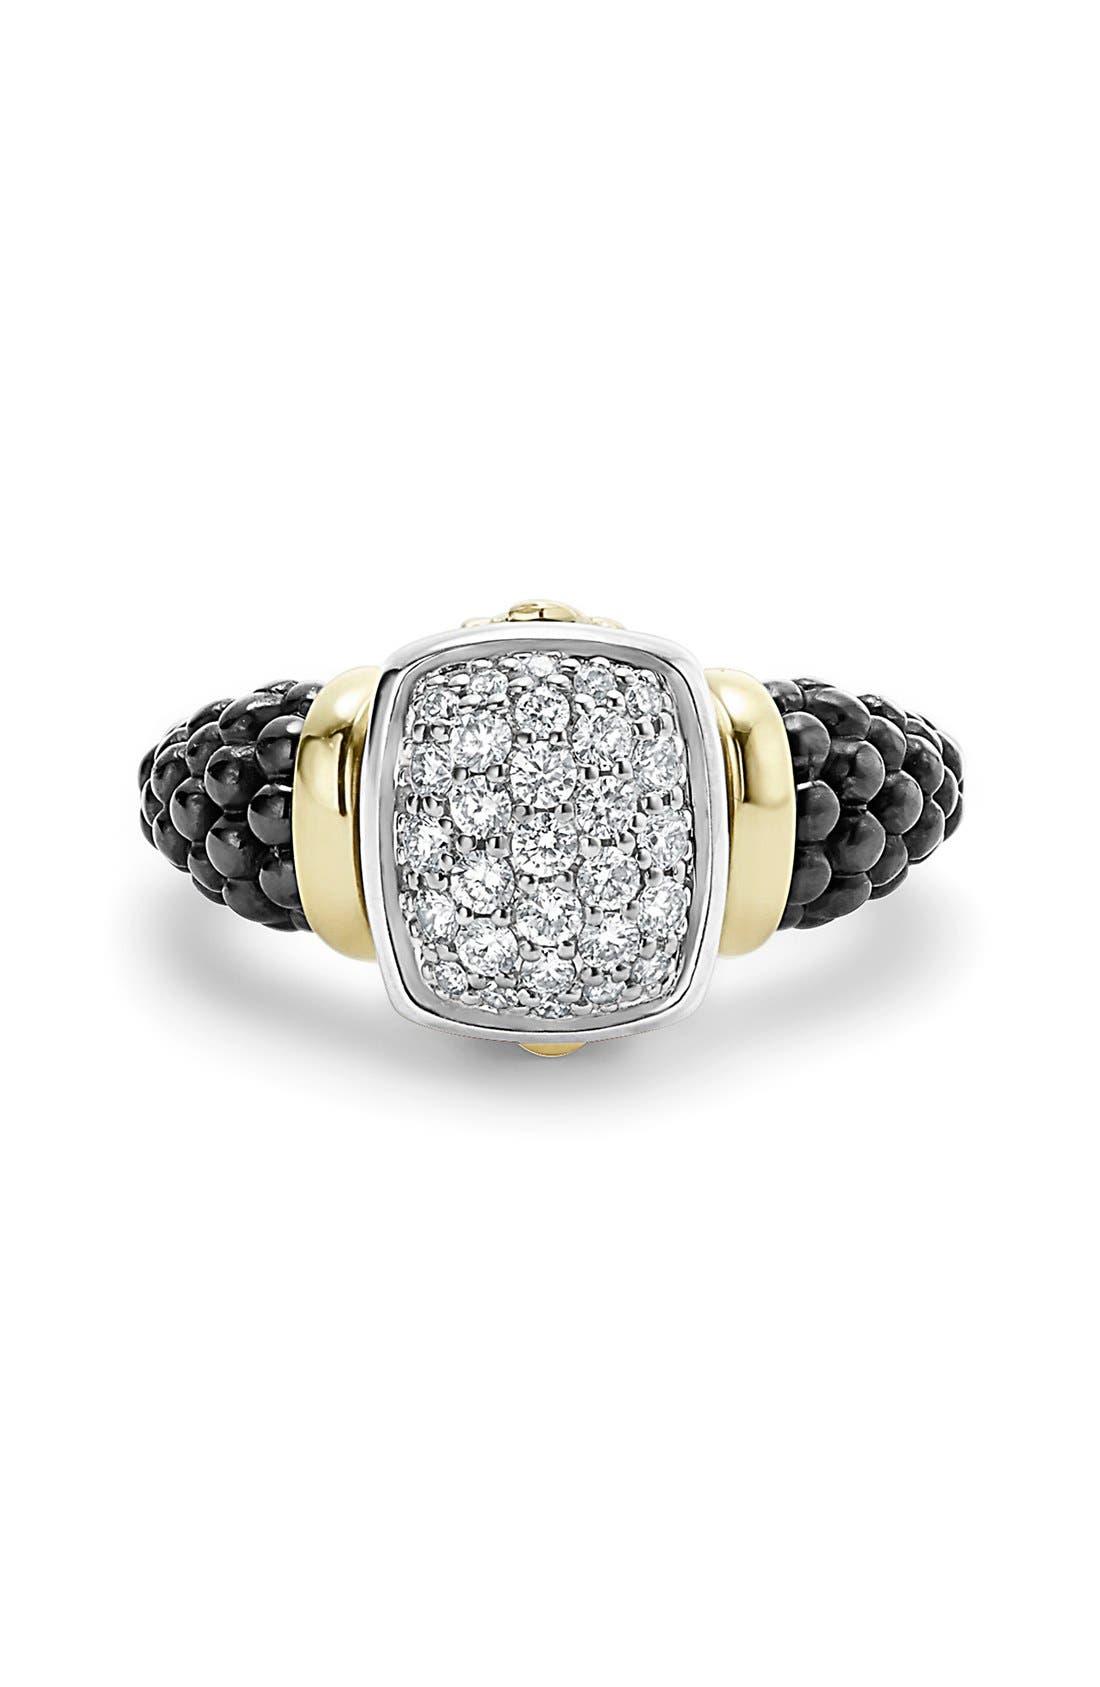 'Caviar' Diamond Ring,                             Alternate thumbnail 7, color,                             BLACK/ GOLD